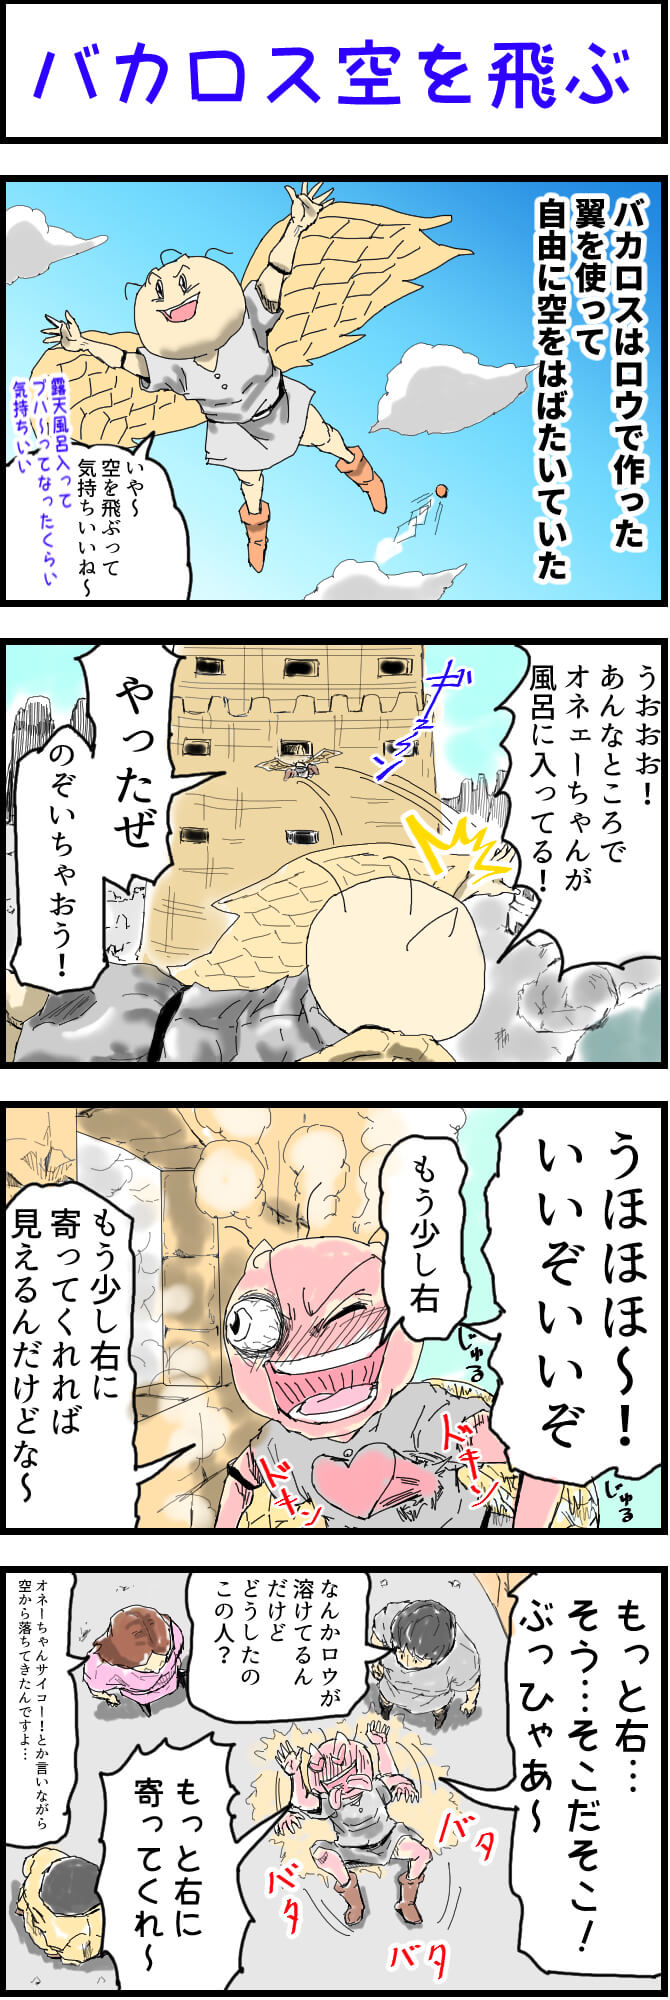 イカロス,4コマ漫画